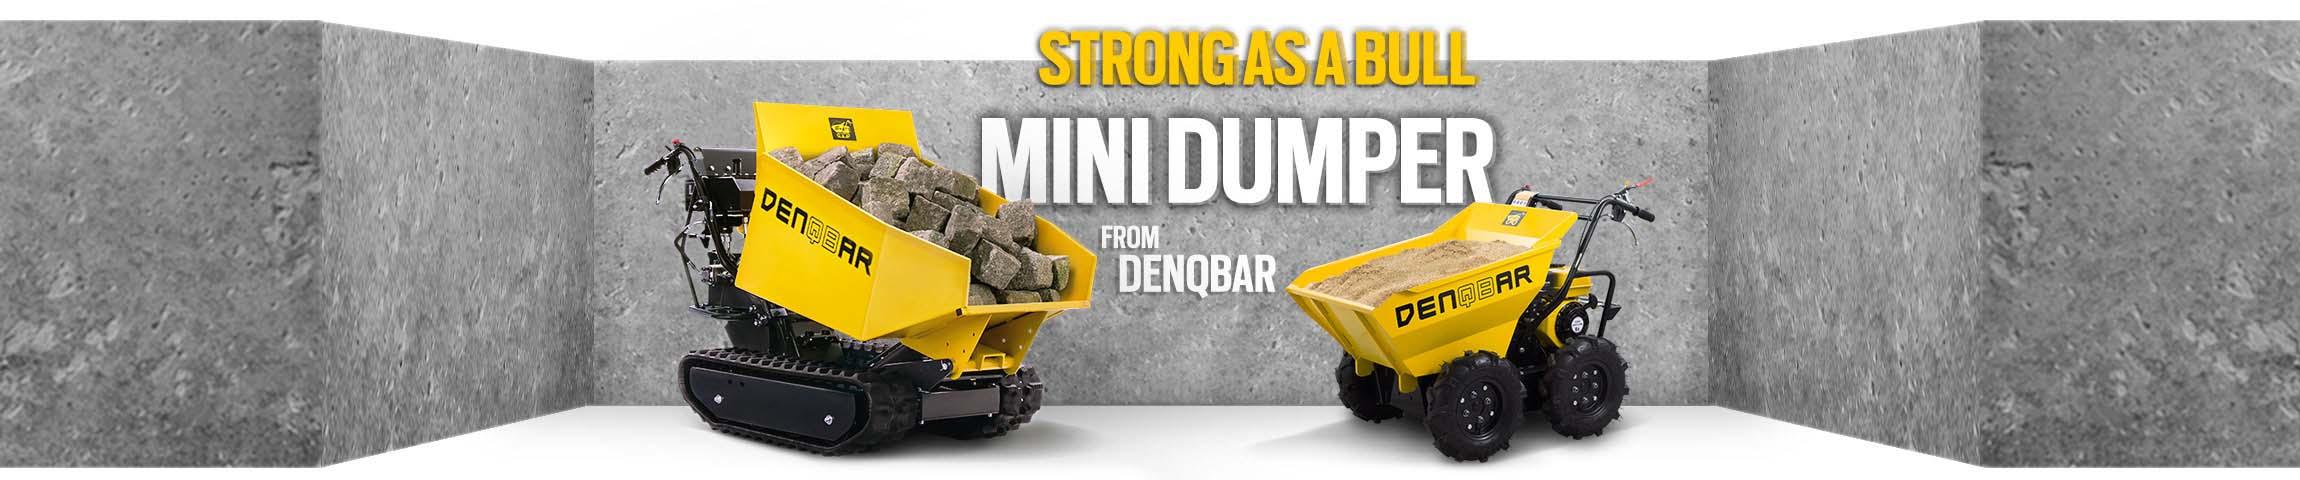 DenqbarTemplateTest::Template.denqbarHomepageSliderPicAlt2